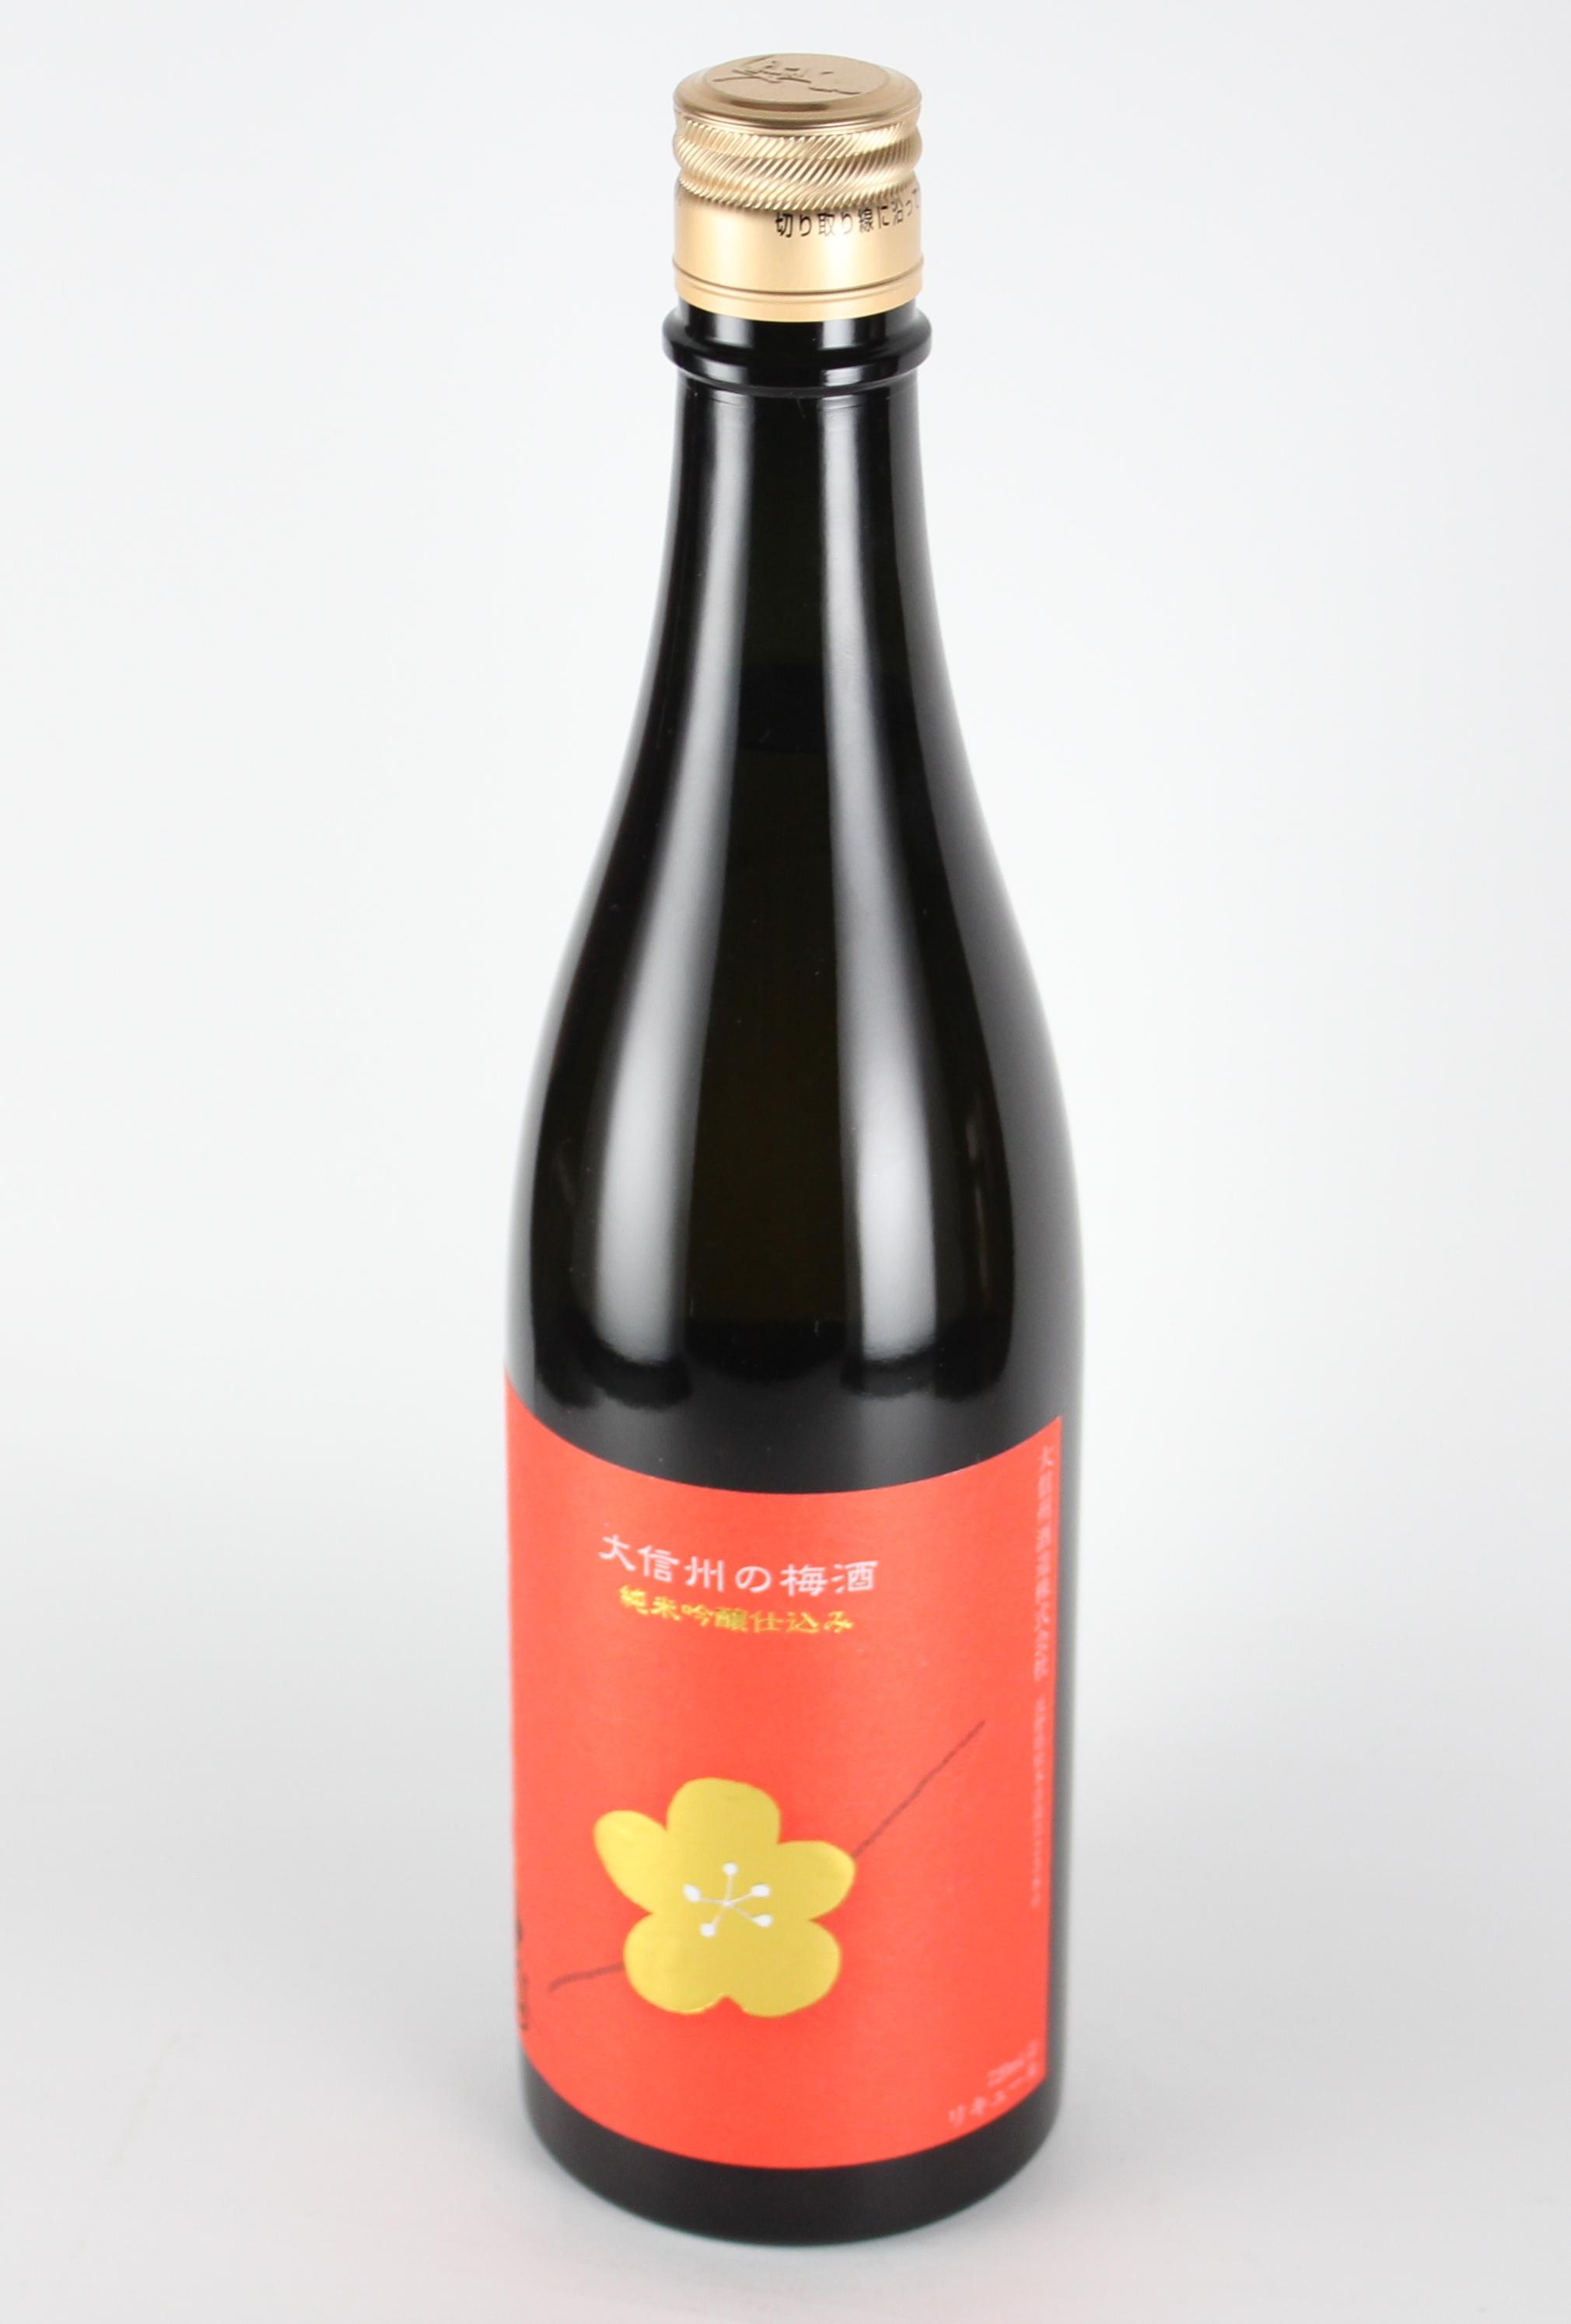 大信州 梅酒 純米吟醸仕込み 720ml 【長野/大信州酒造】